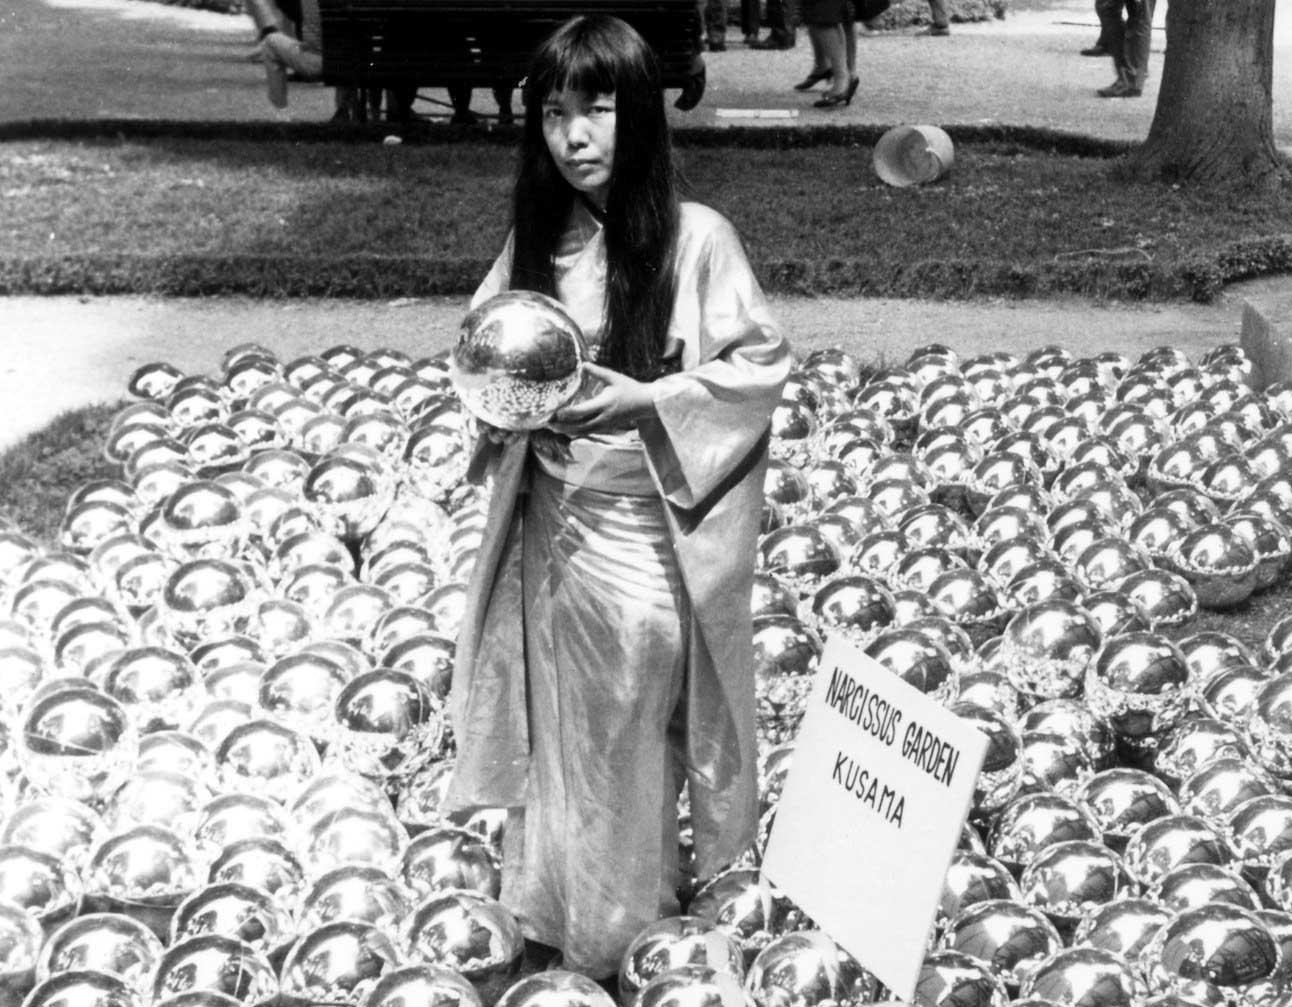 Yayoi Kusama vuelve a mostrar su 'Narcissus Garden' en un garaje abandonado de NYC